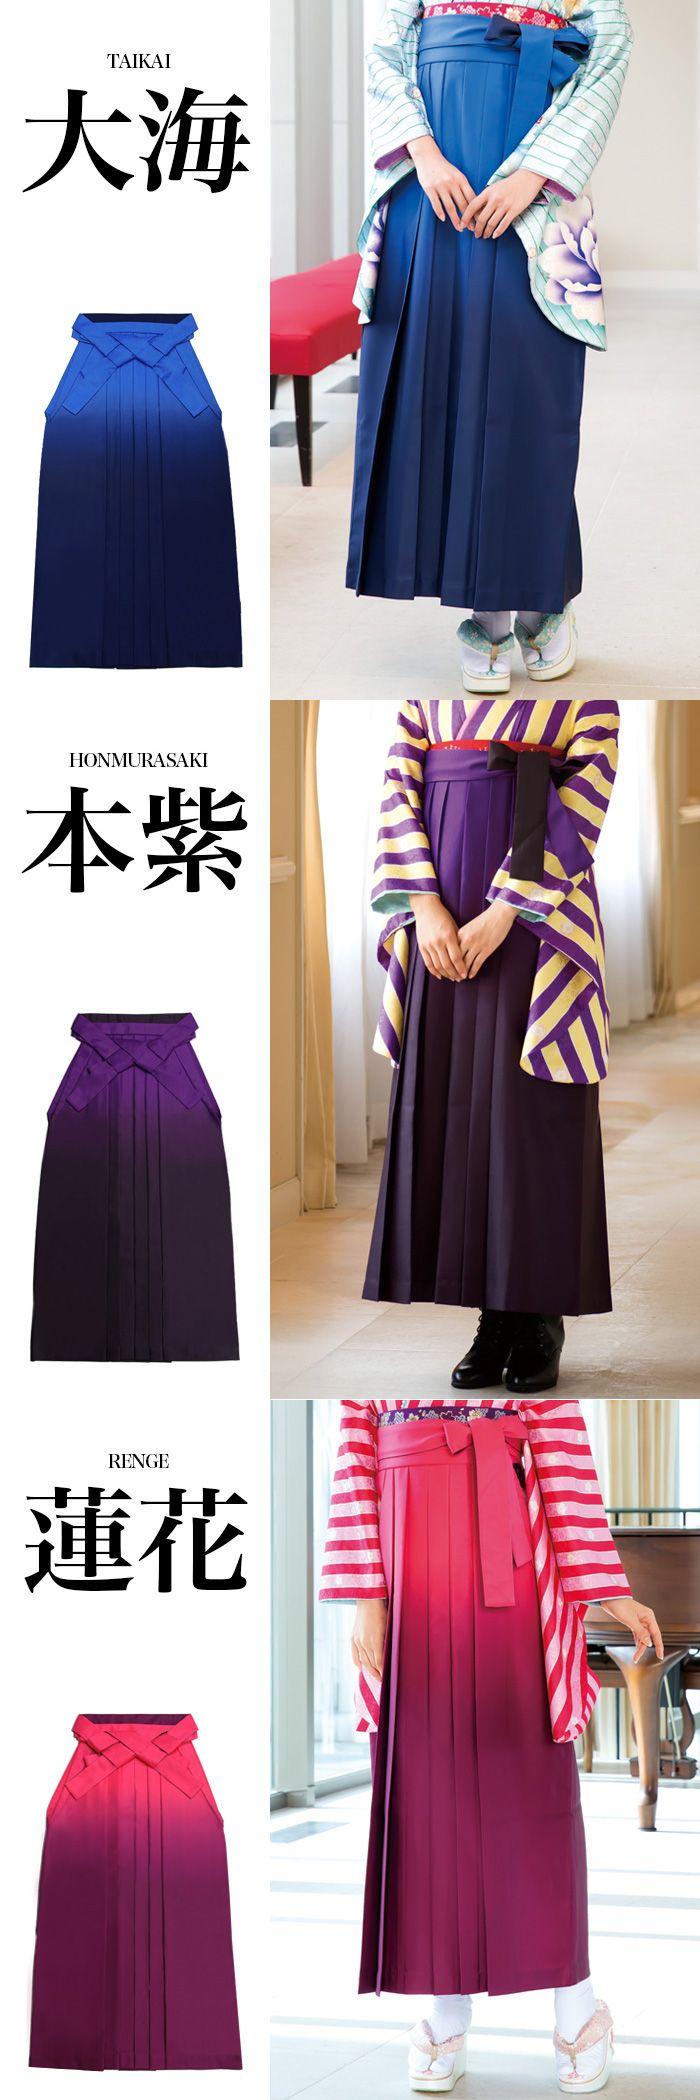 kyoetsu-orosiya   Rakuten Global Market: Brand new women's blur plain hakama 6 /SMLLL